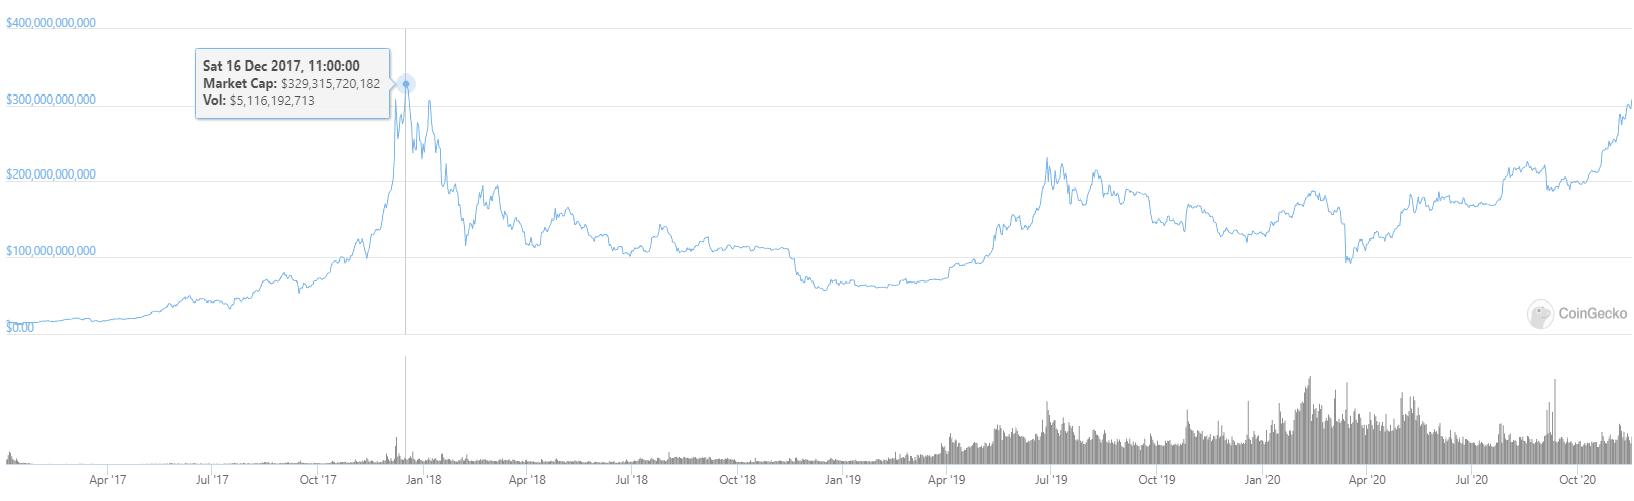 【比特币】为什么比特币的市值在价格上涨之前刚刚达到新的纪录高位